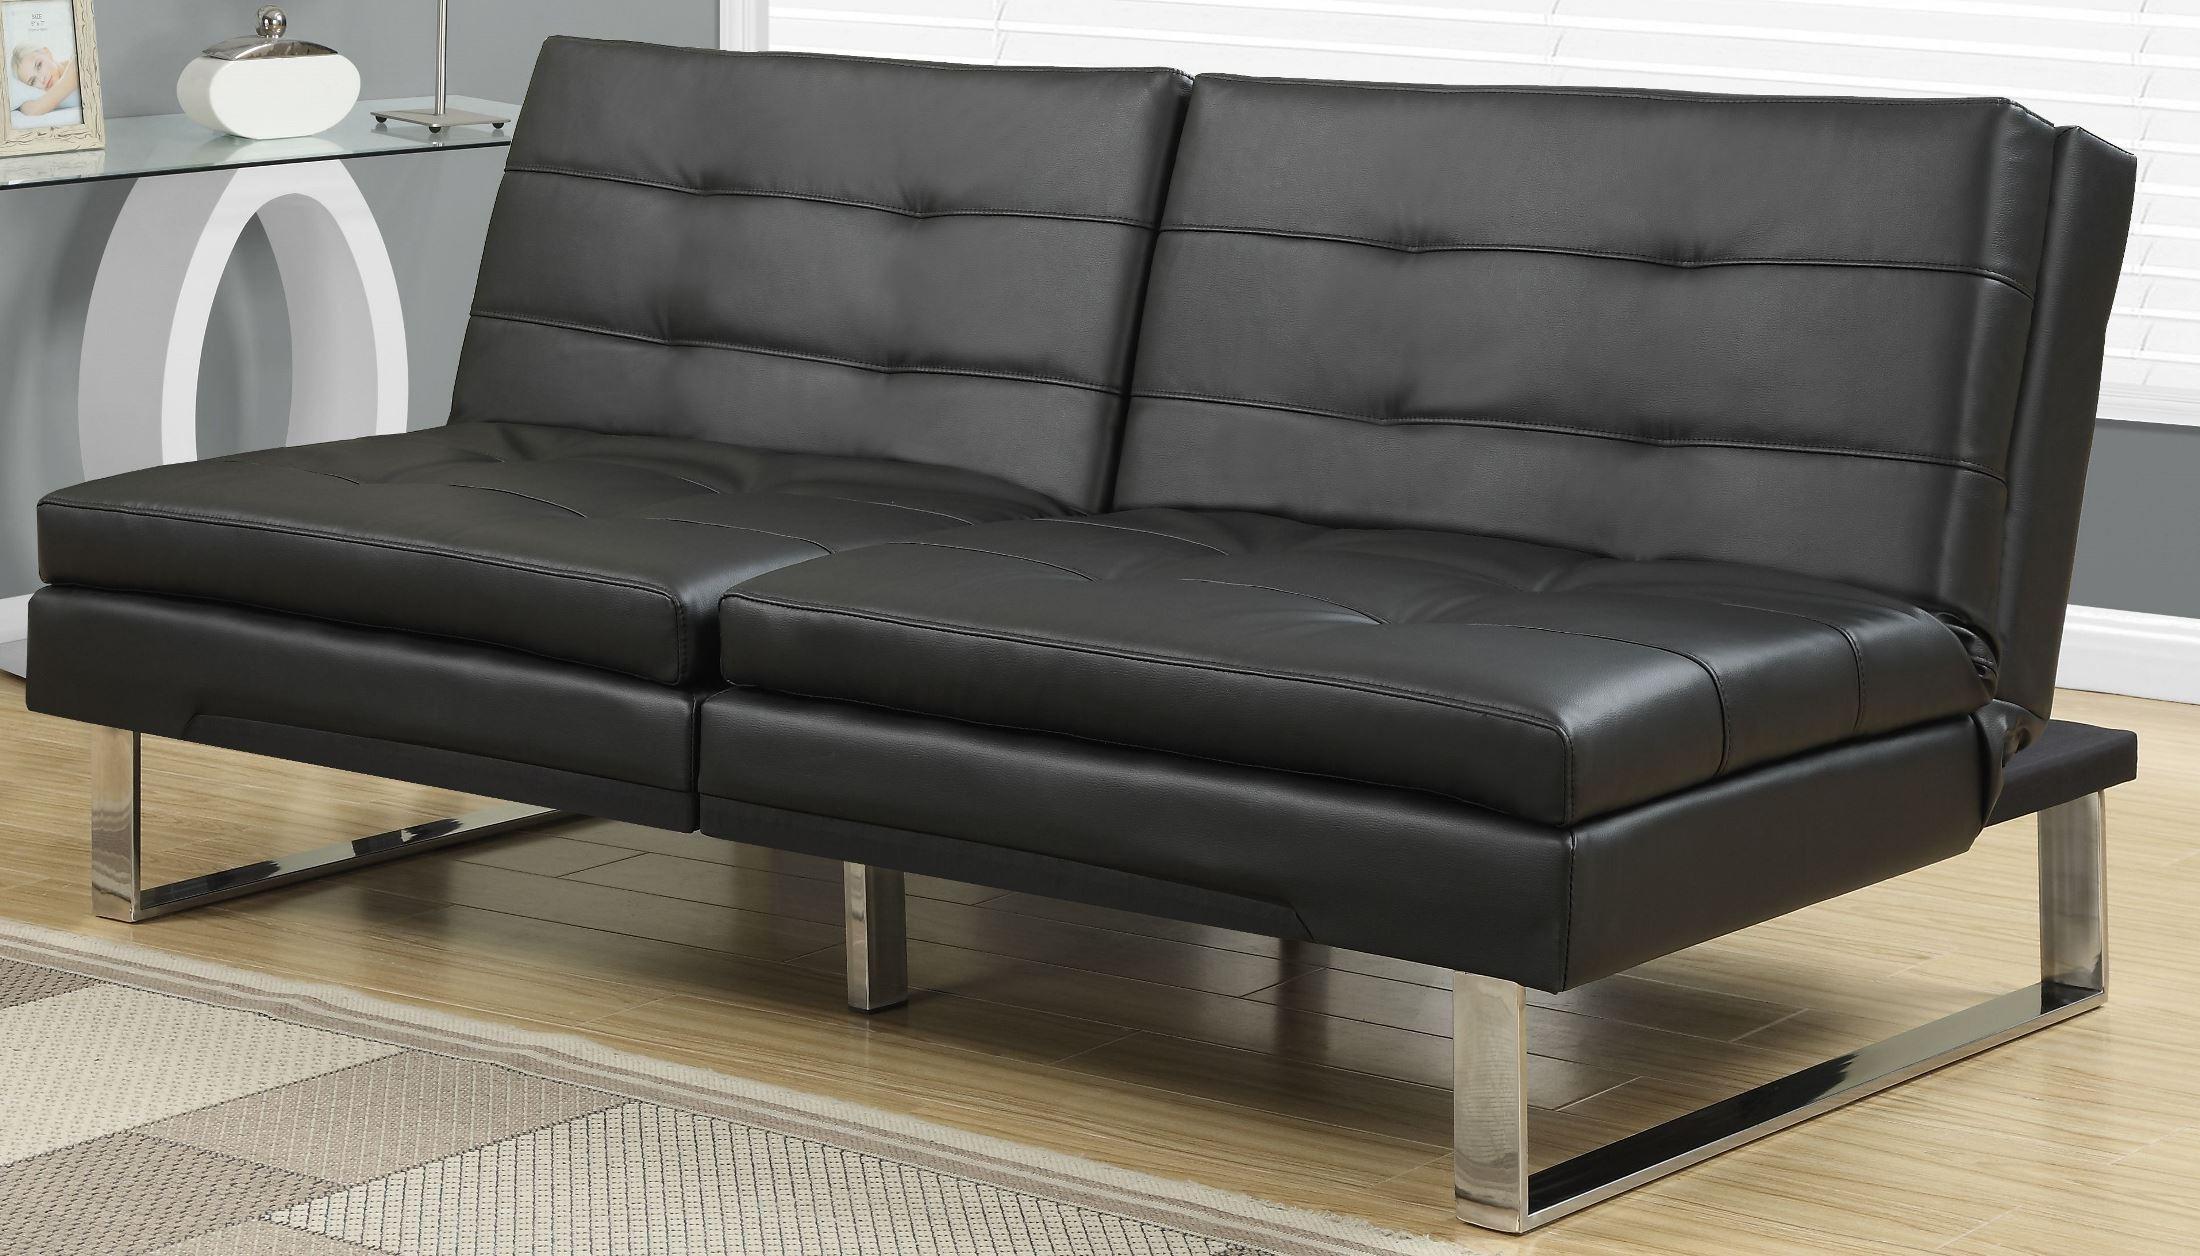 8948 Black Leather Split Back Click Clack Futon 8948 Monarch